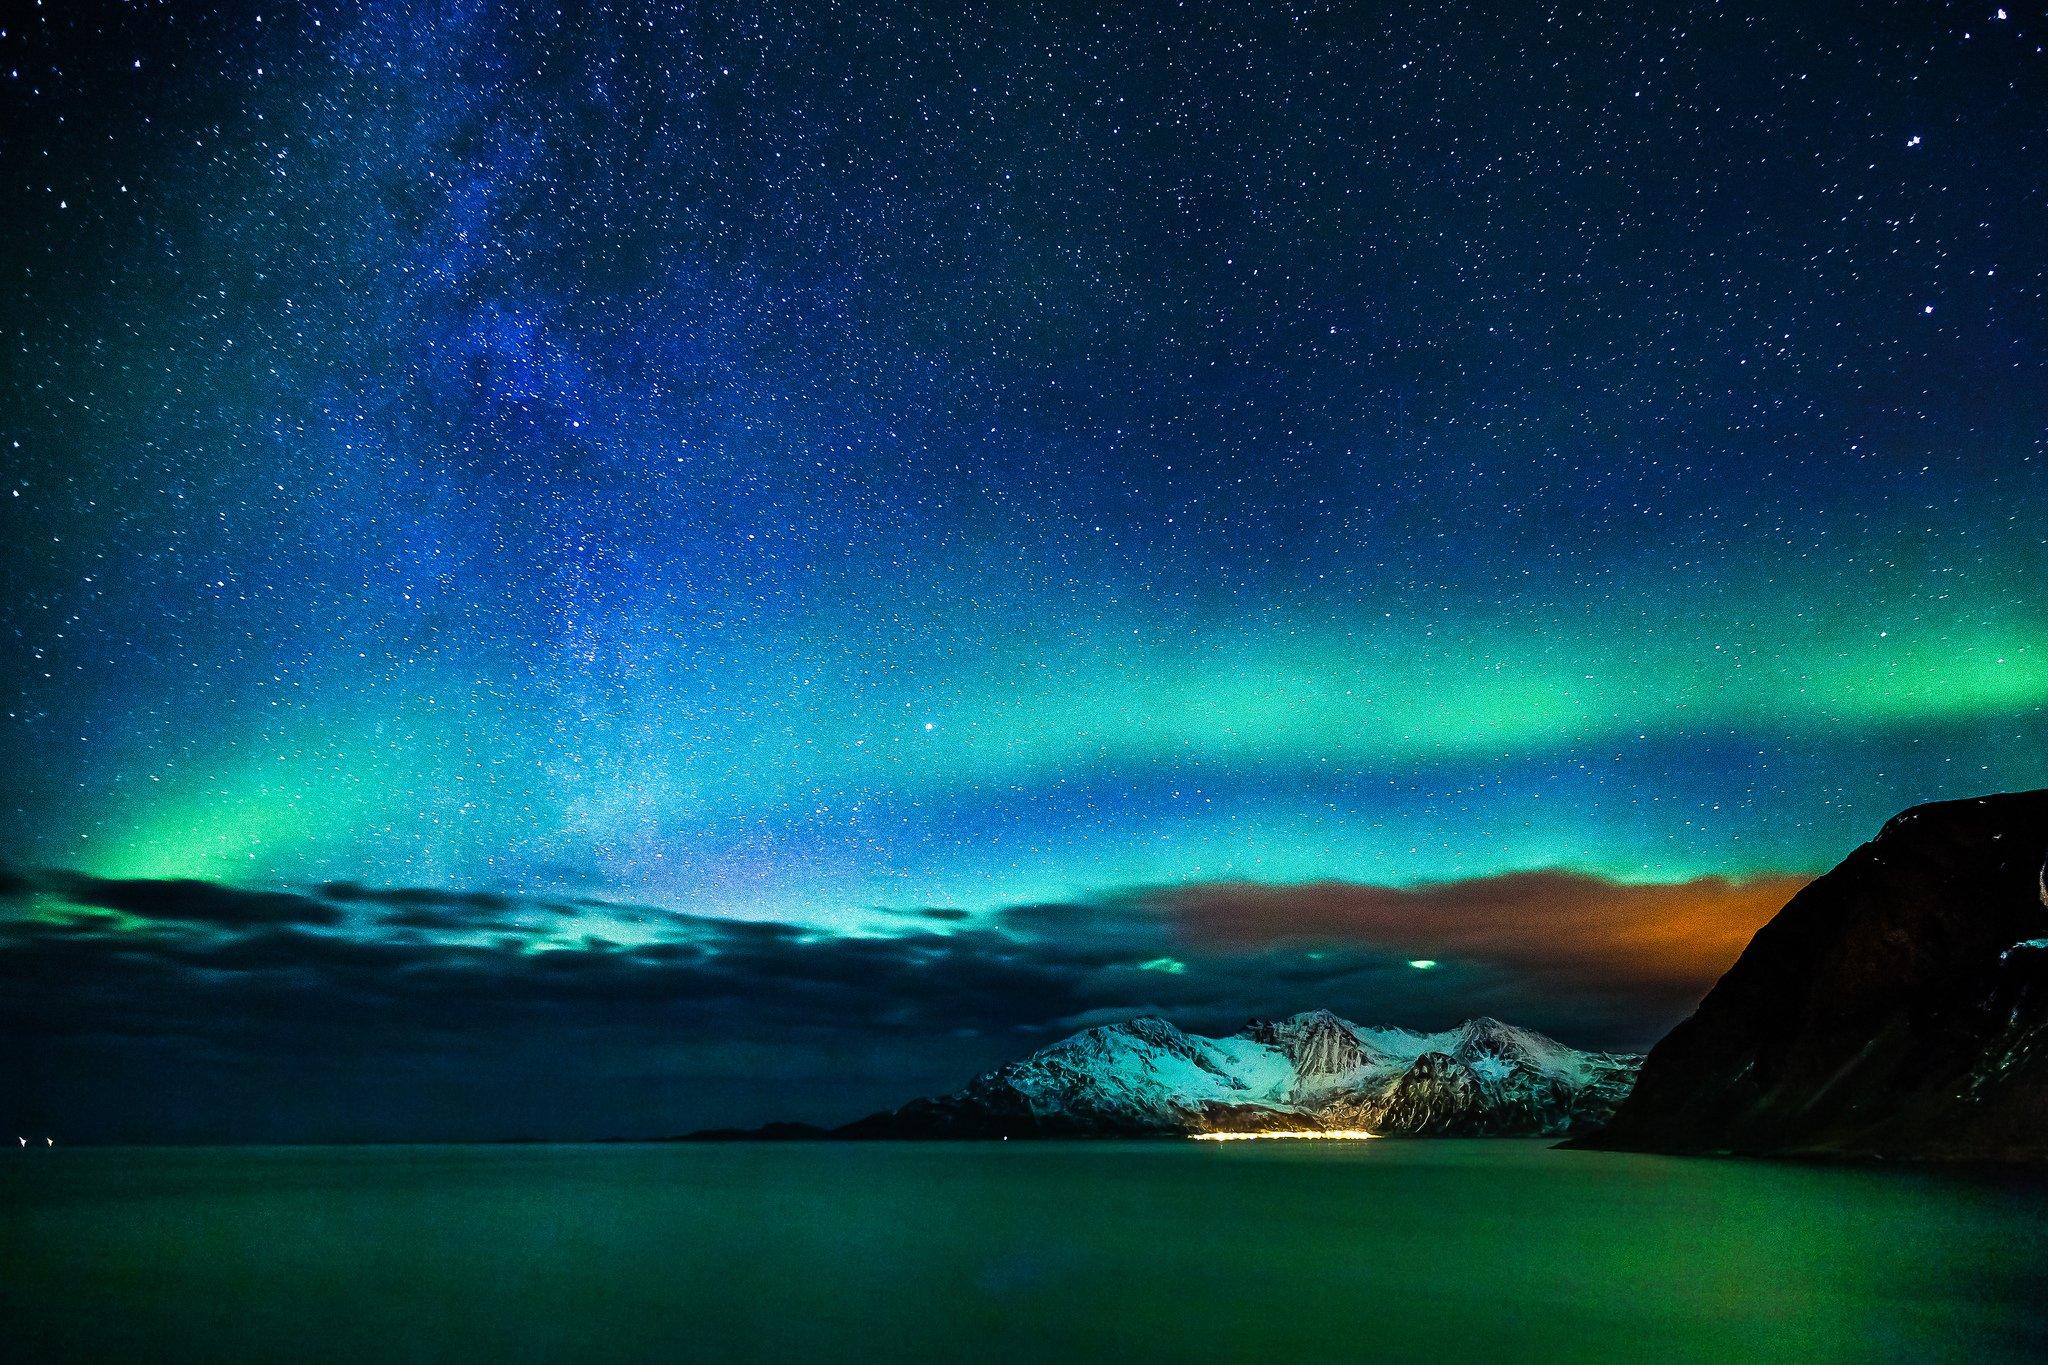 alaska night wallpaper - photo #16